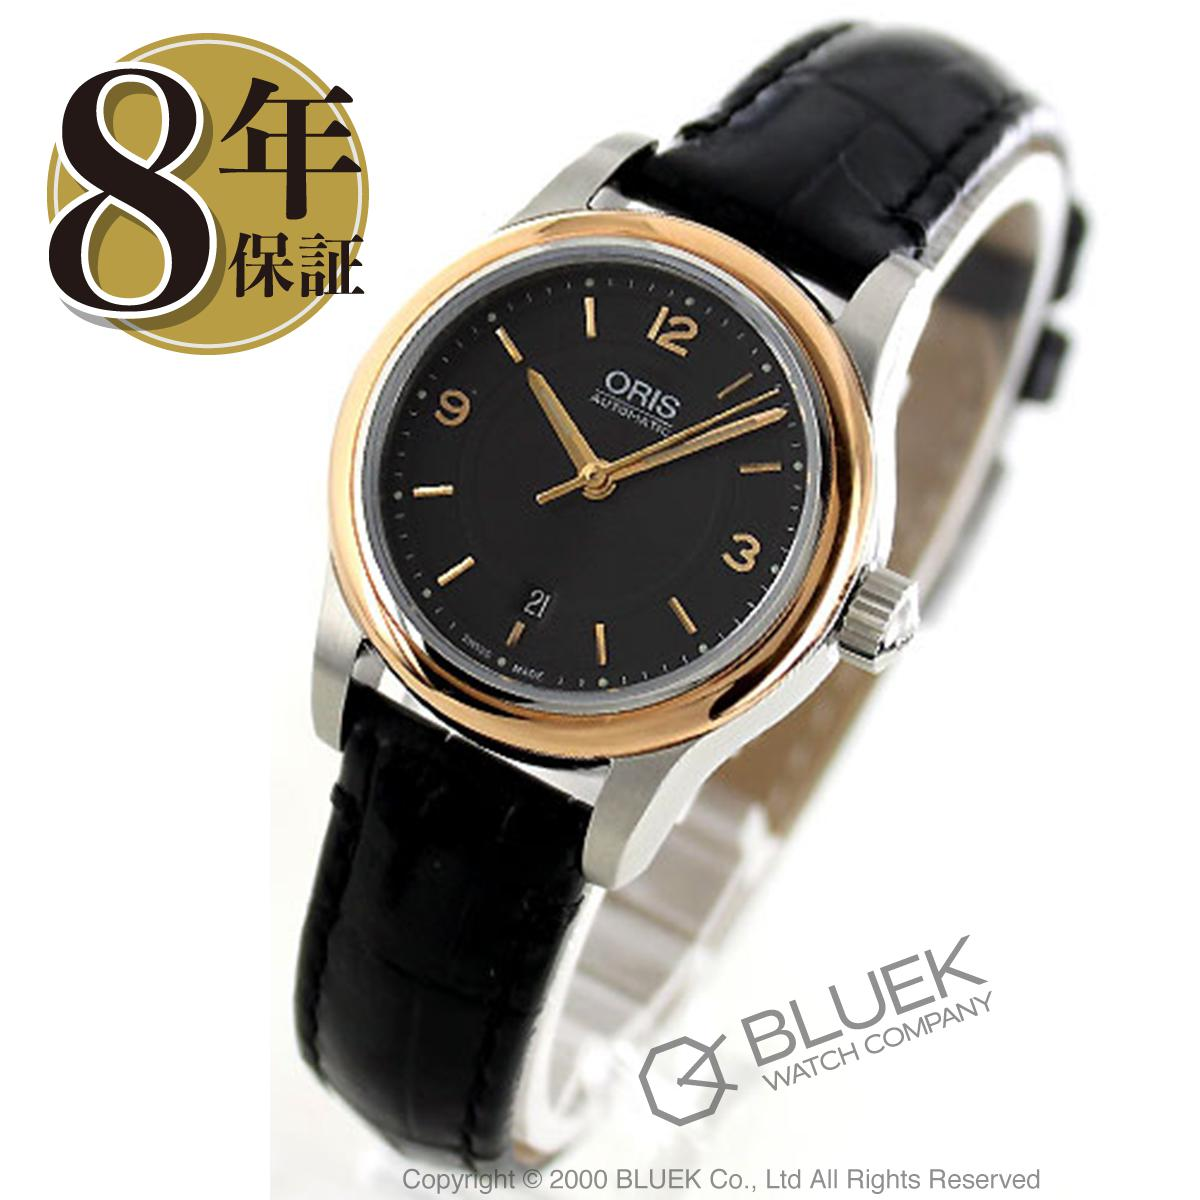 オリス クラシック 腕時計 レディース ORIS 561 7650 4334F_8